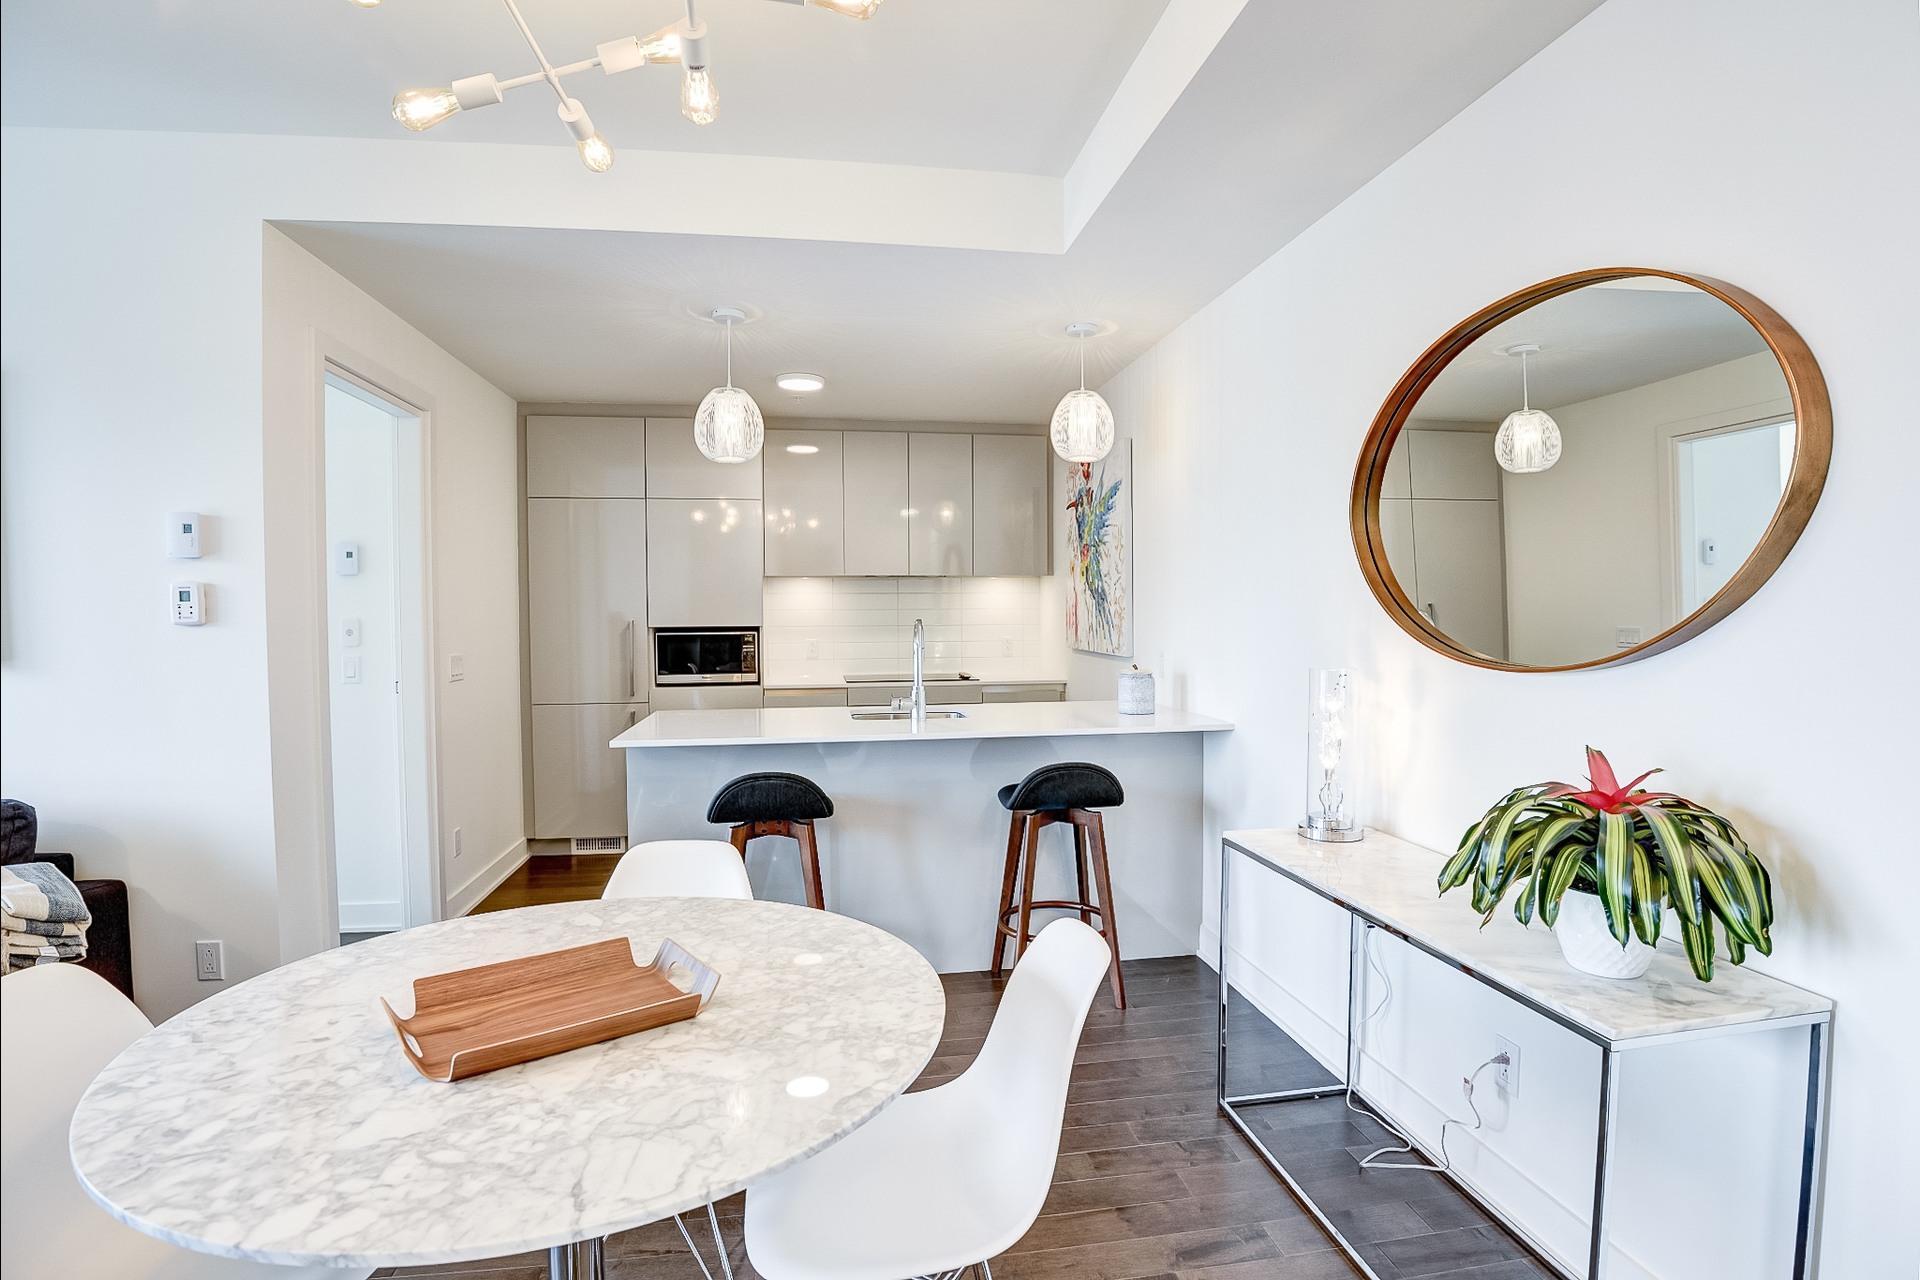 image 0 - MX - Condominio vertical - MX Para alquiler Montréal - 4 habitaciones